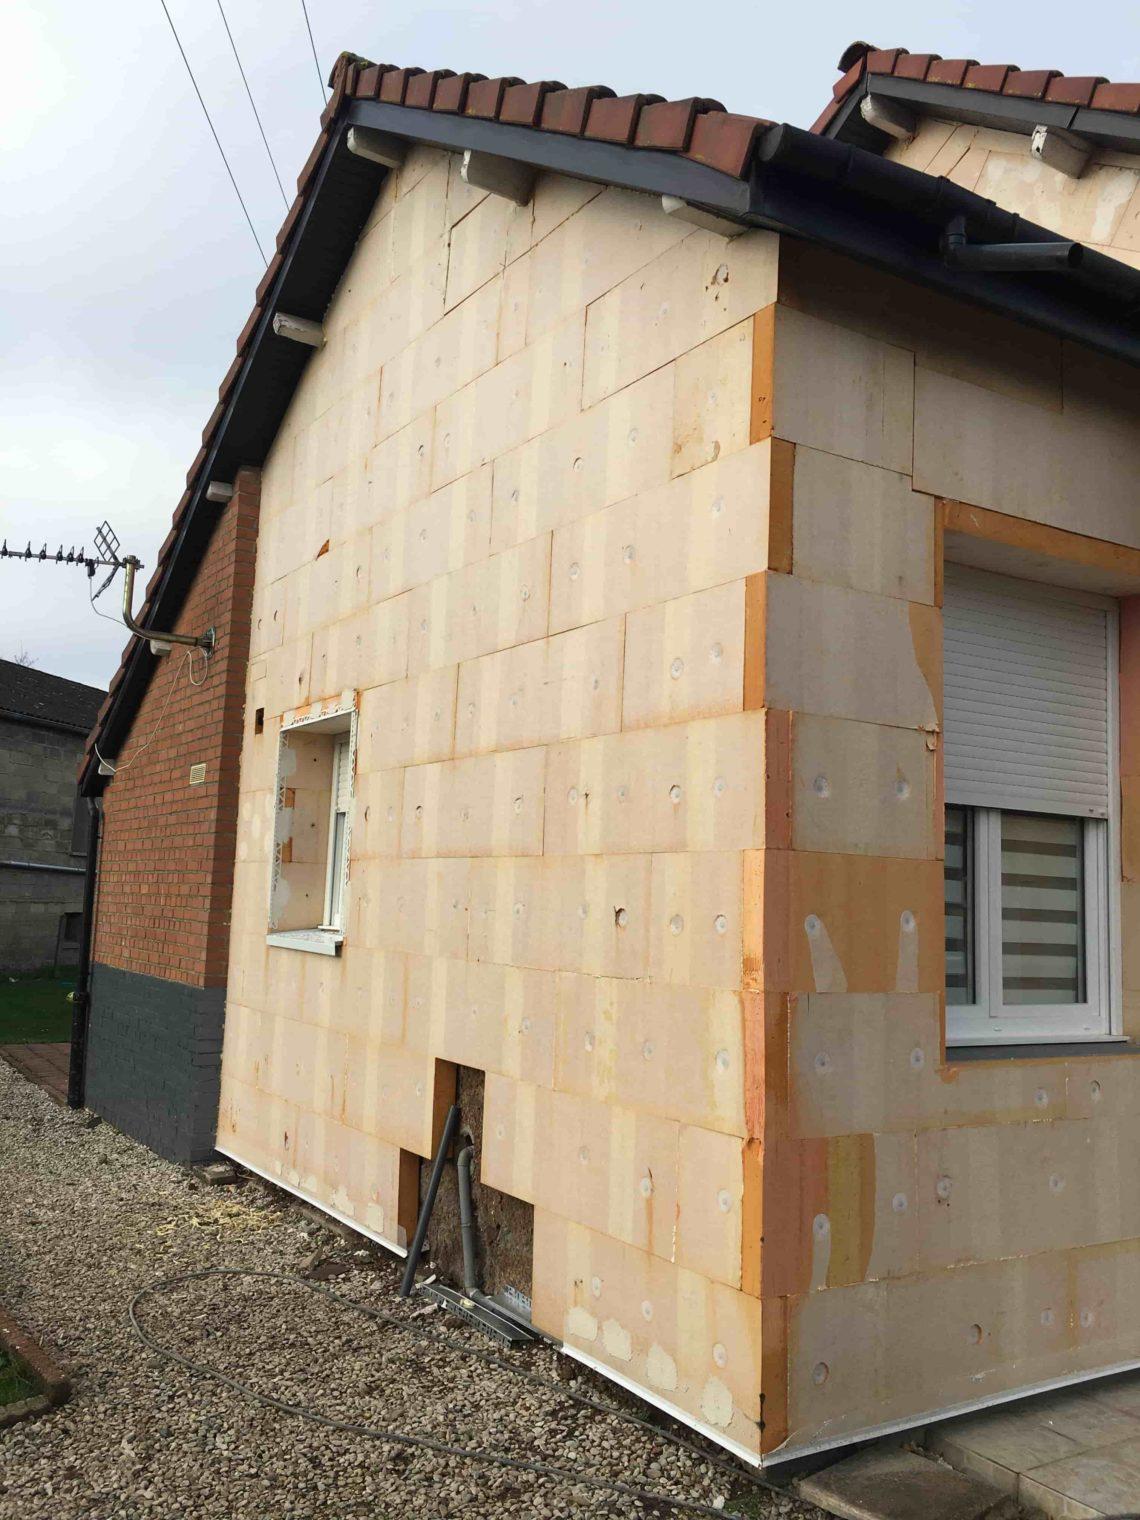 Urbel-isolation-facade-Lens-12-1140x1520.jpg